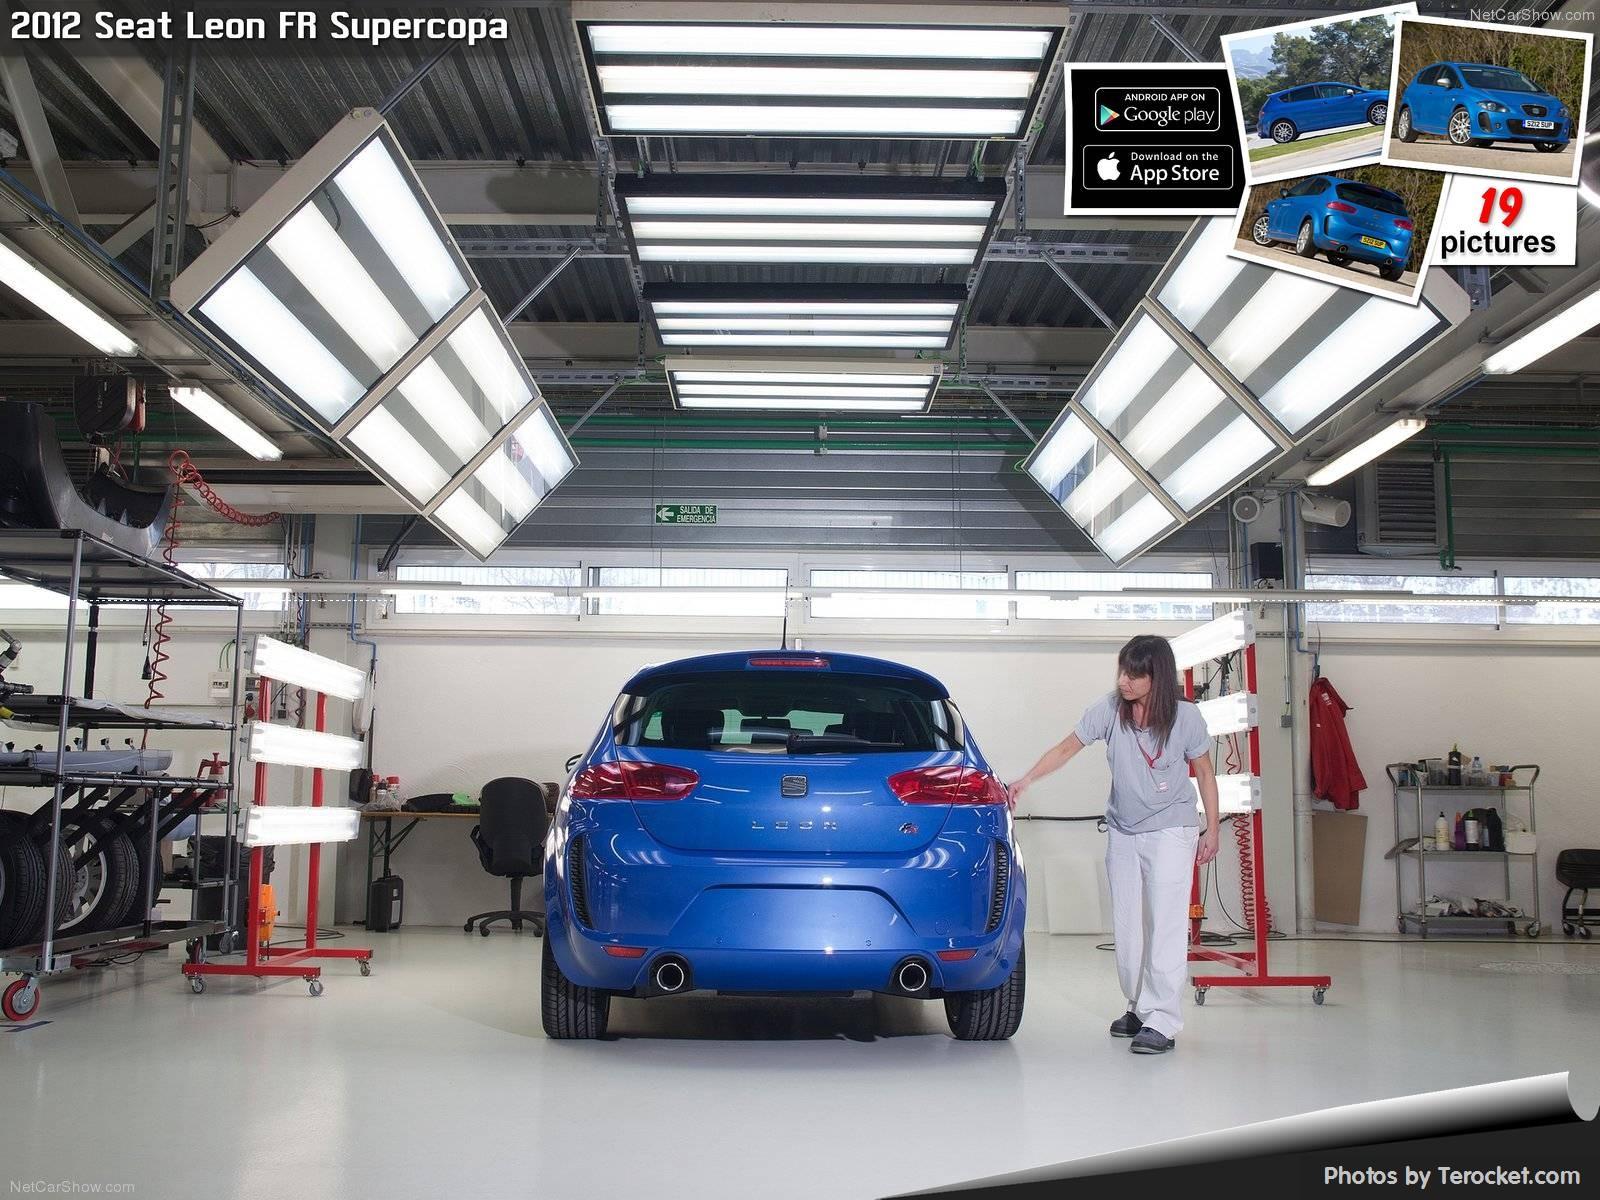 Hình ảnh xe ô tô Seat Leon FR Supercopa 2012 & nội ngoại thất